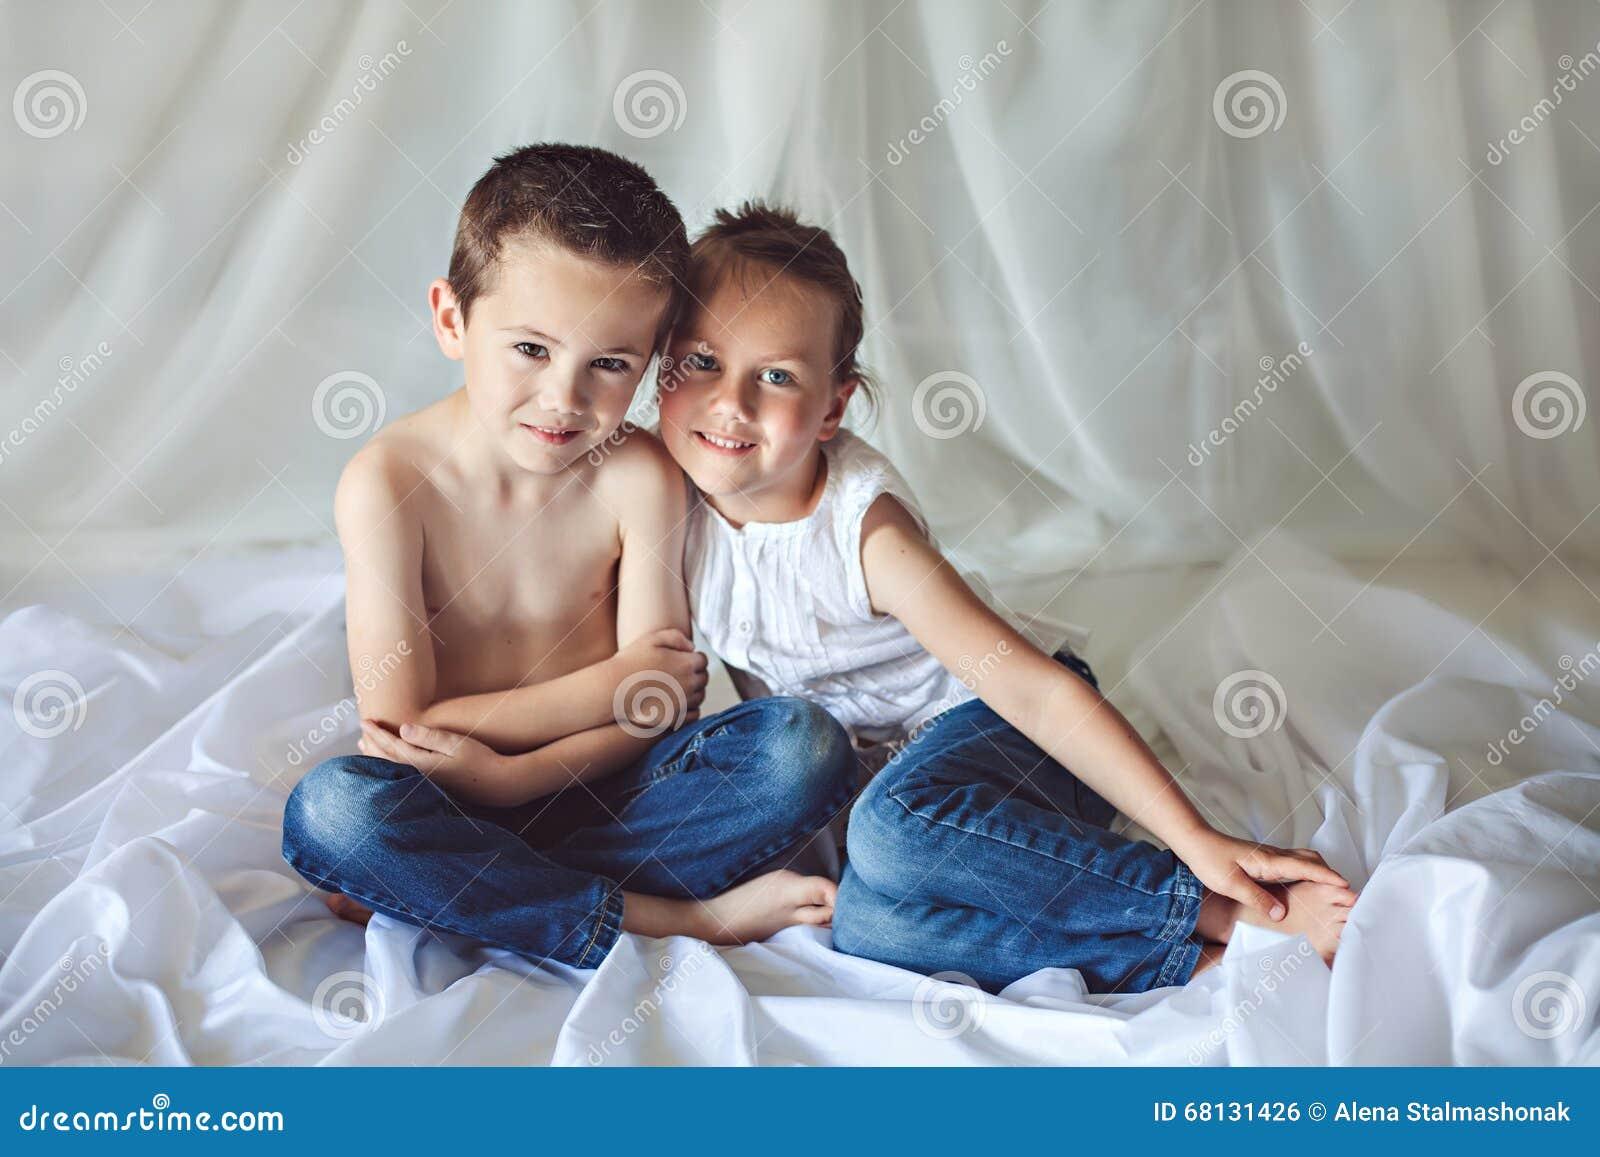 Секс брат и сестра на дому смотреть бесплатно, Брат и сестра русский инцент: порно видео онлайн 19 фотография